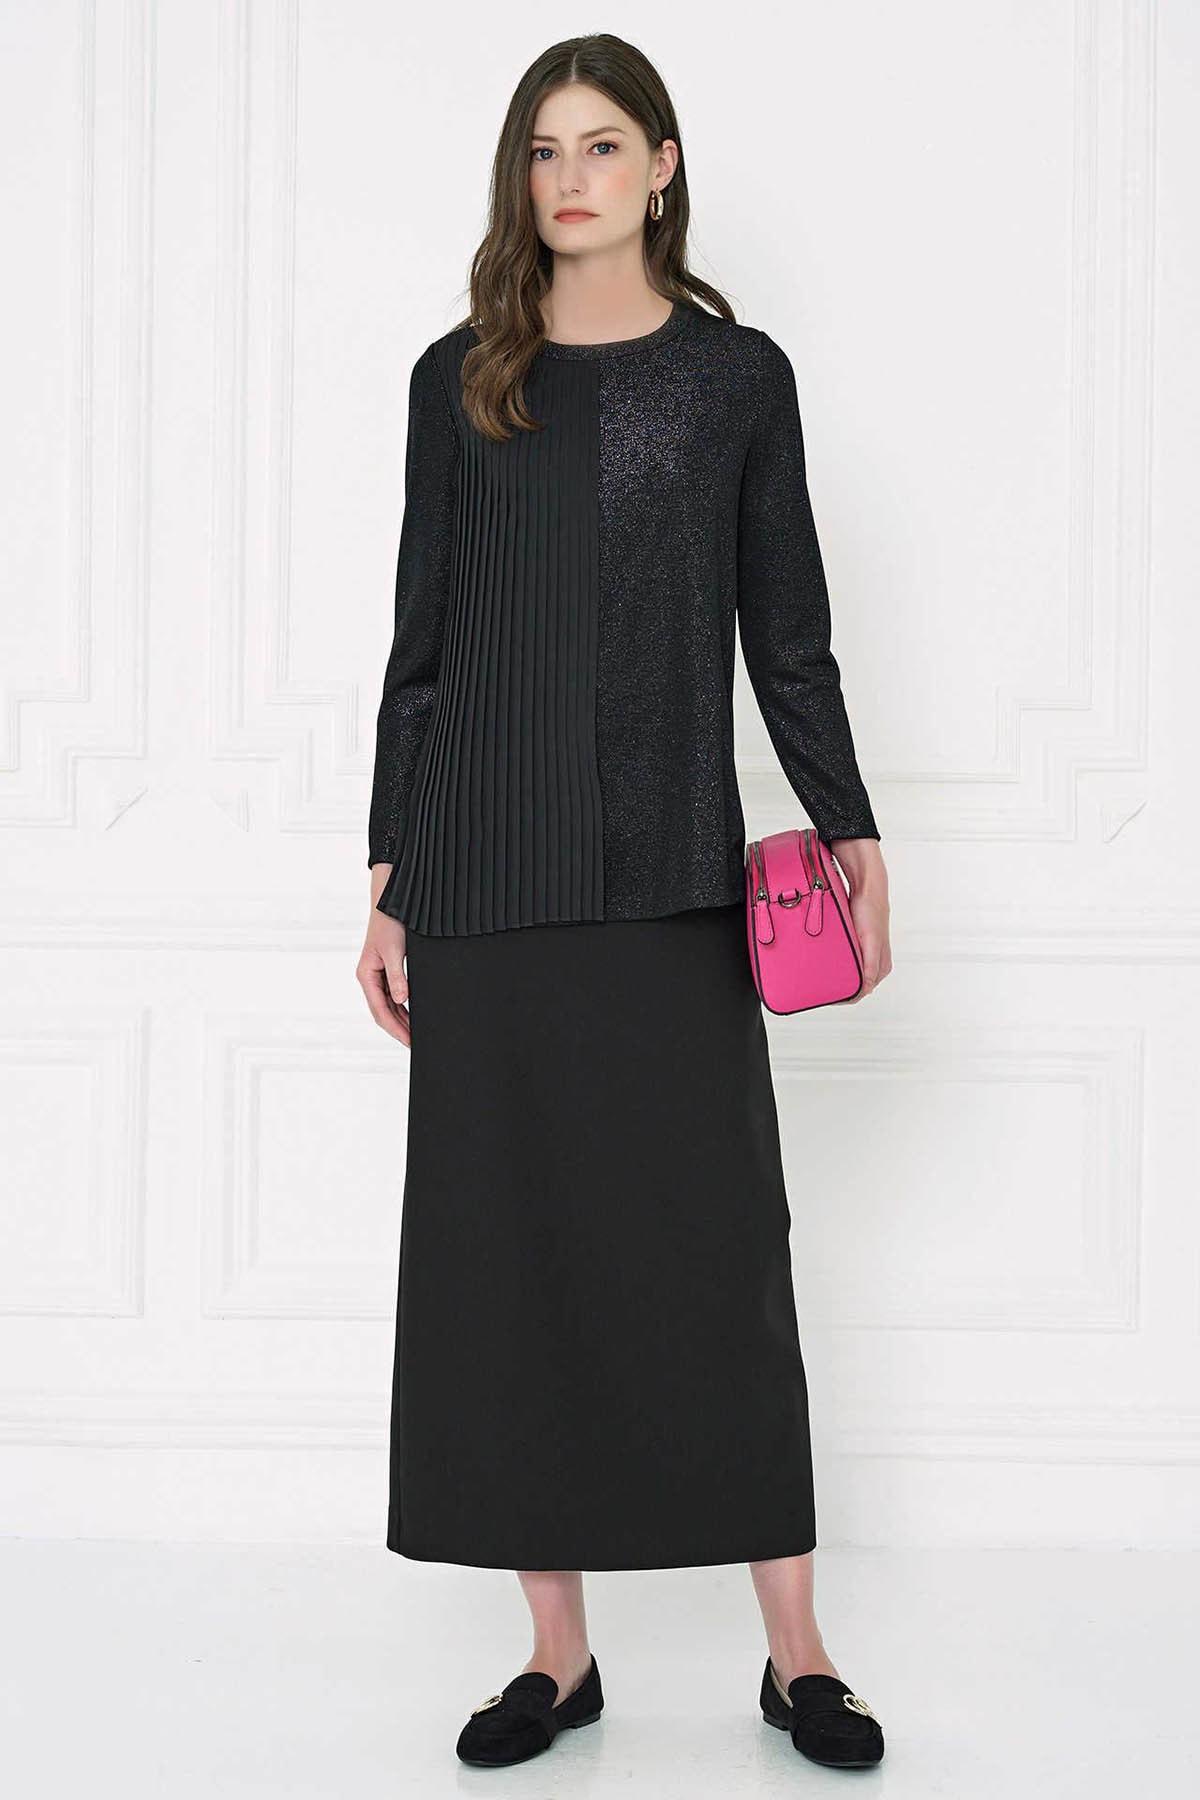 Aker Kadın Siyah Piliseli Simli Bluz U22219710 20K022219710-002